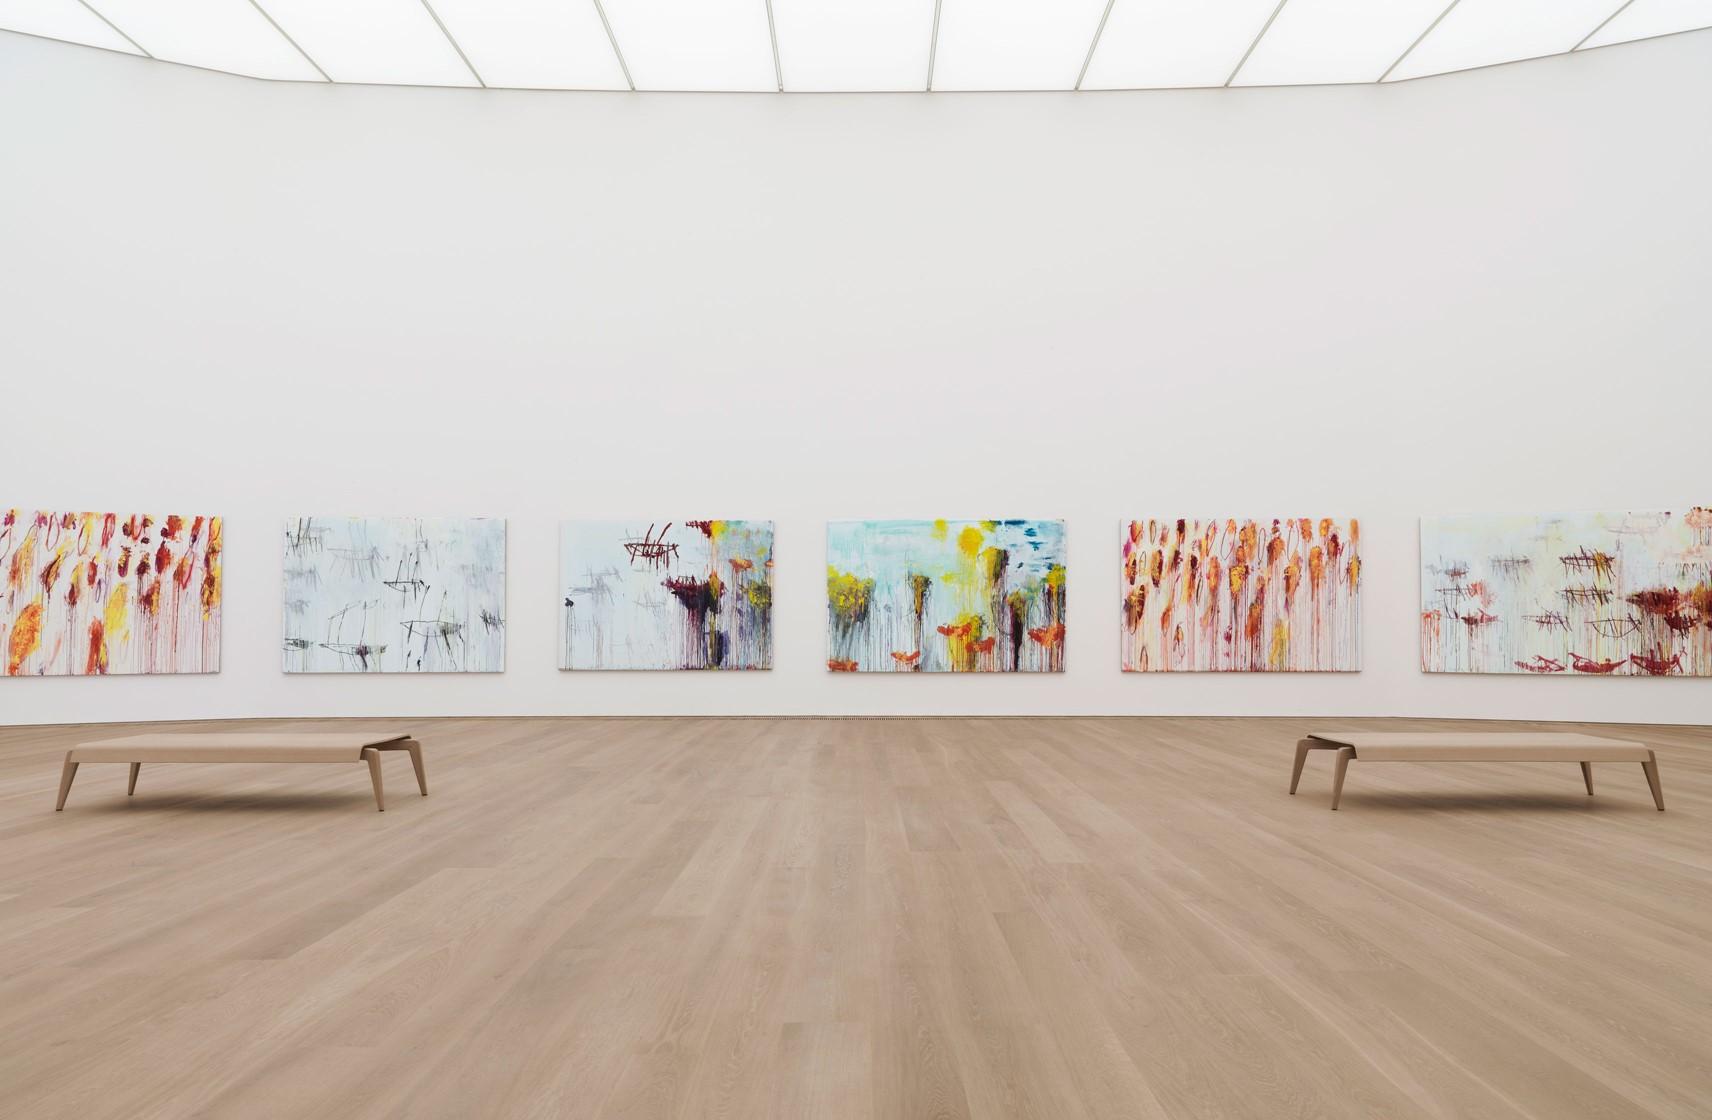 oak-flooring_lye-white-oil_museum-brandhorst_benches-gallery_dinesen.jpg